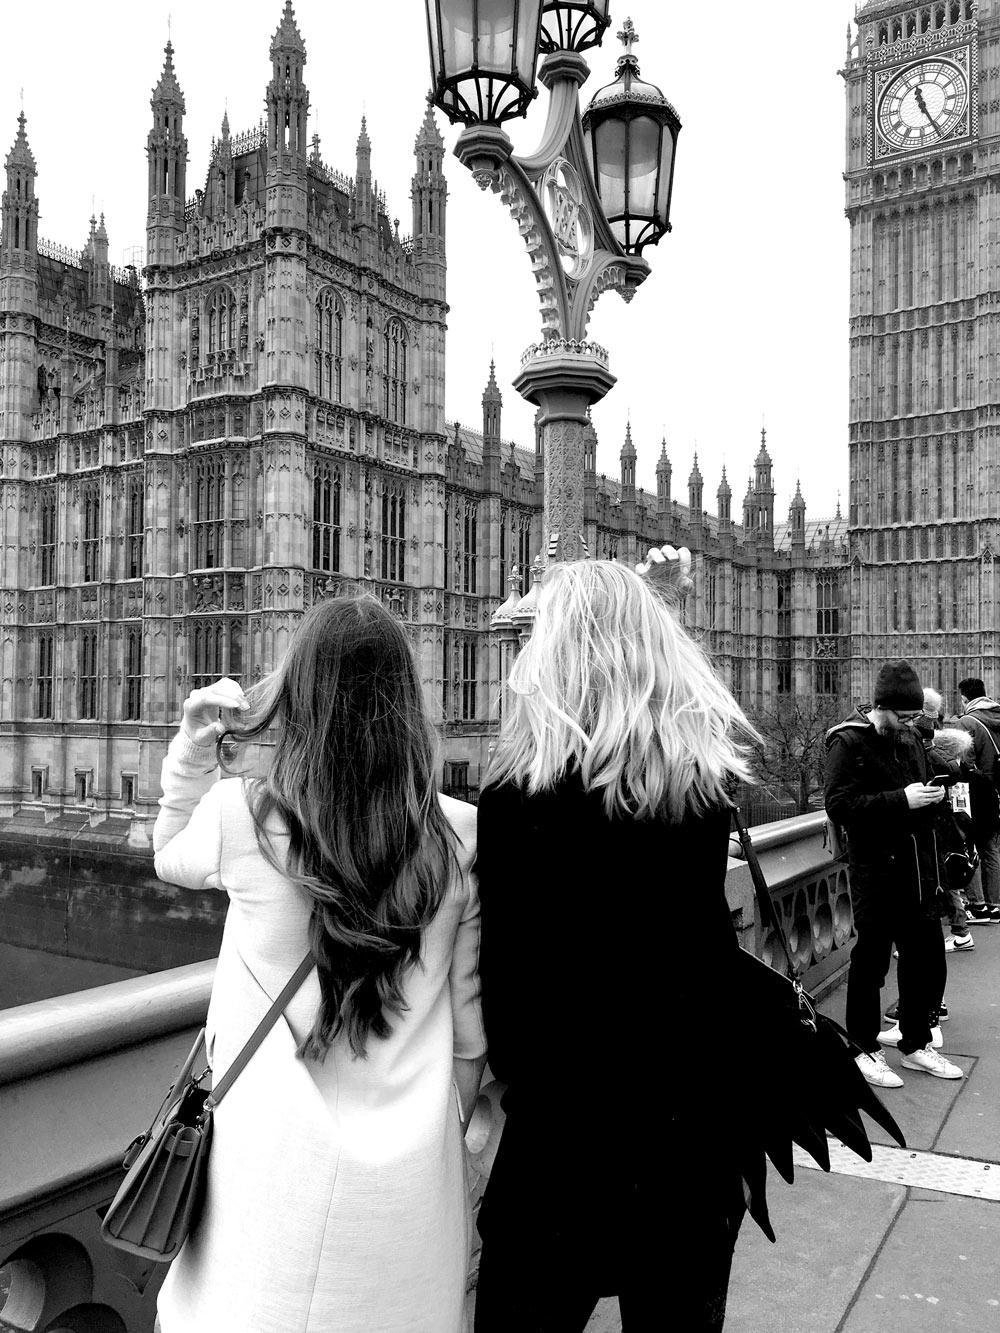 Eva-Jasmin-Caroline-Julius-Blogger-London-Fashion-Week-Big-Ben-Westminster-Bridge